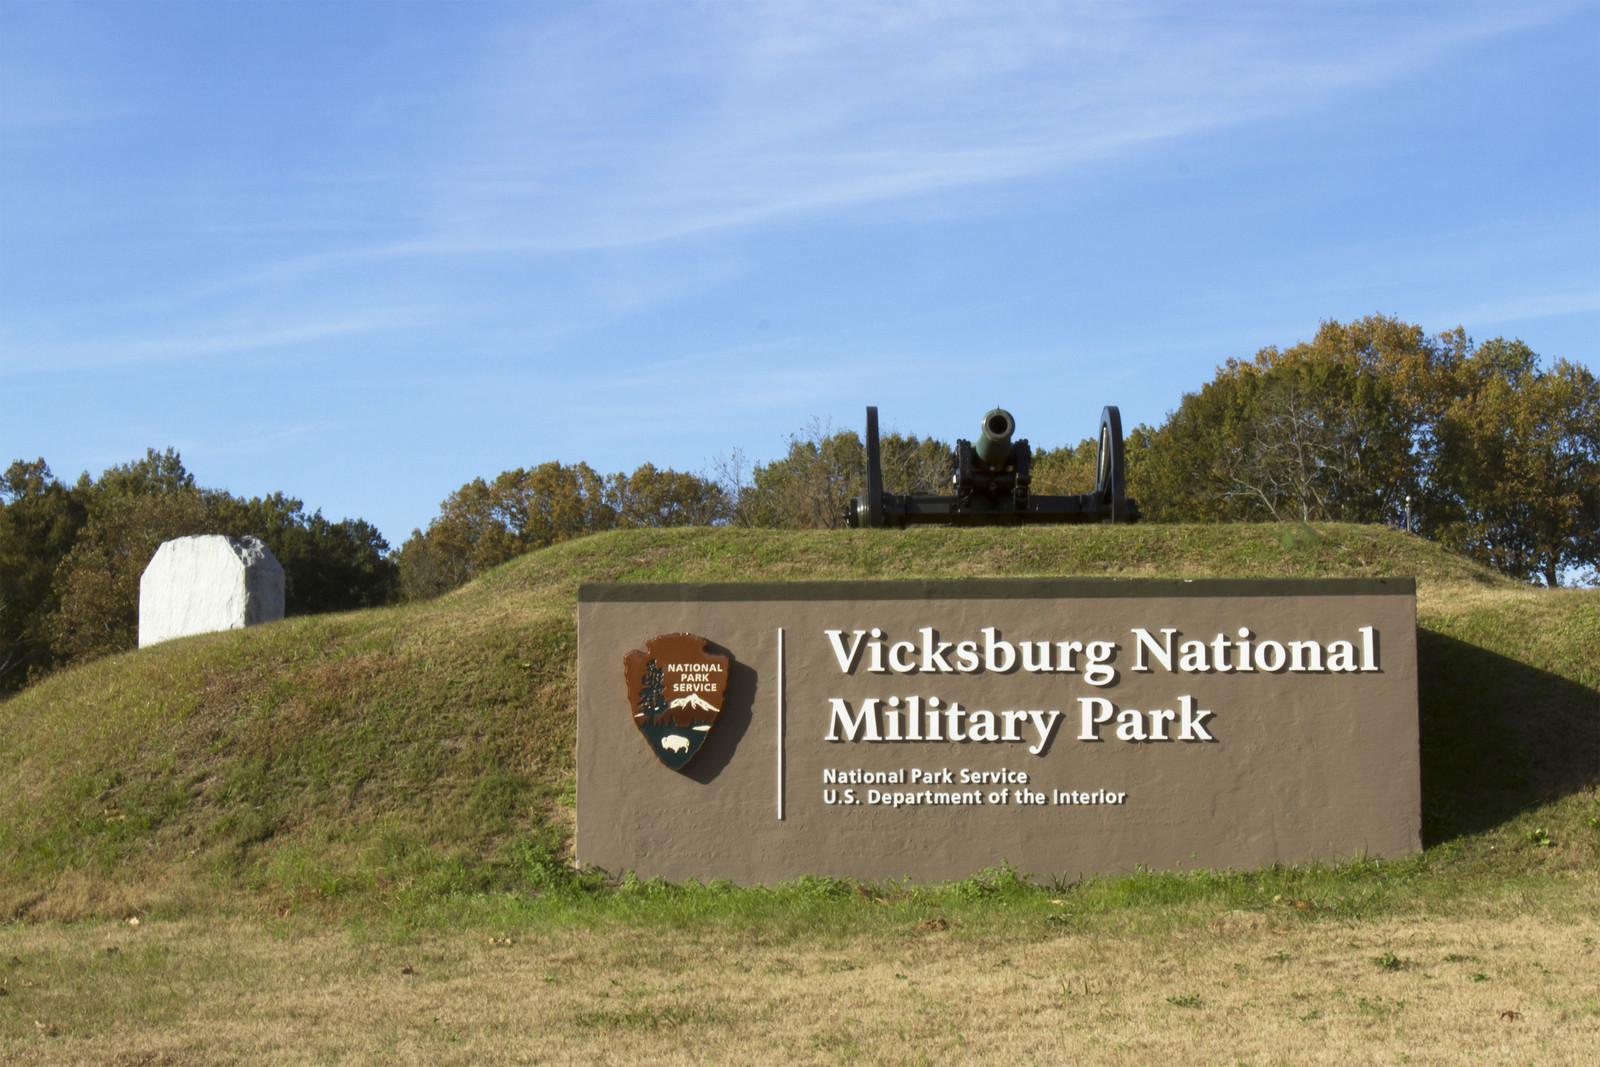 Vicksburg Mississipi RV park